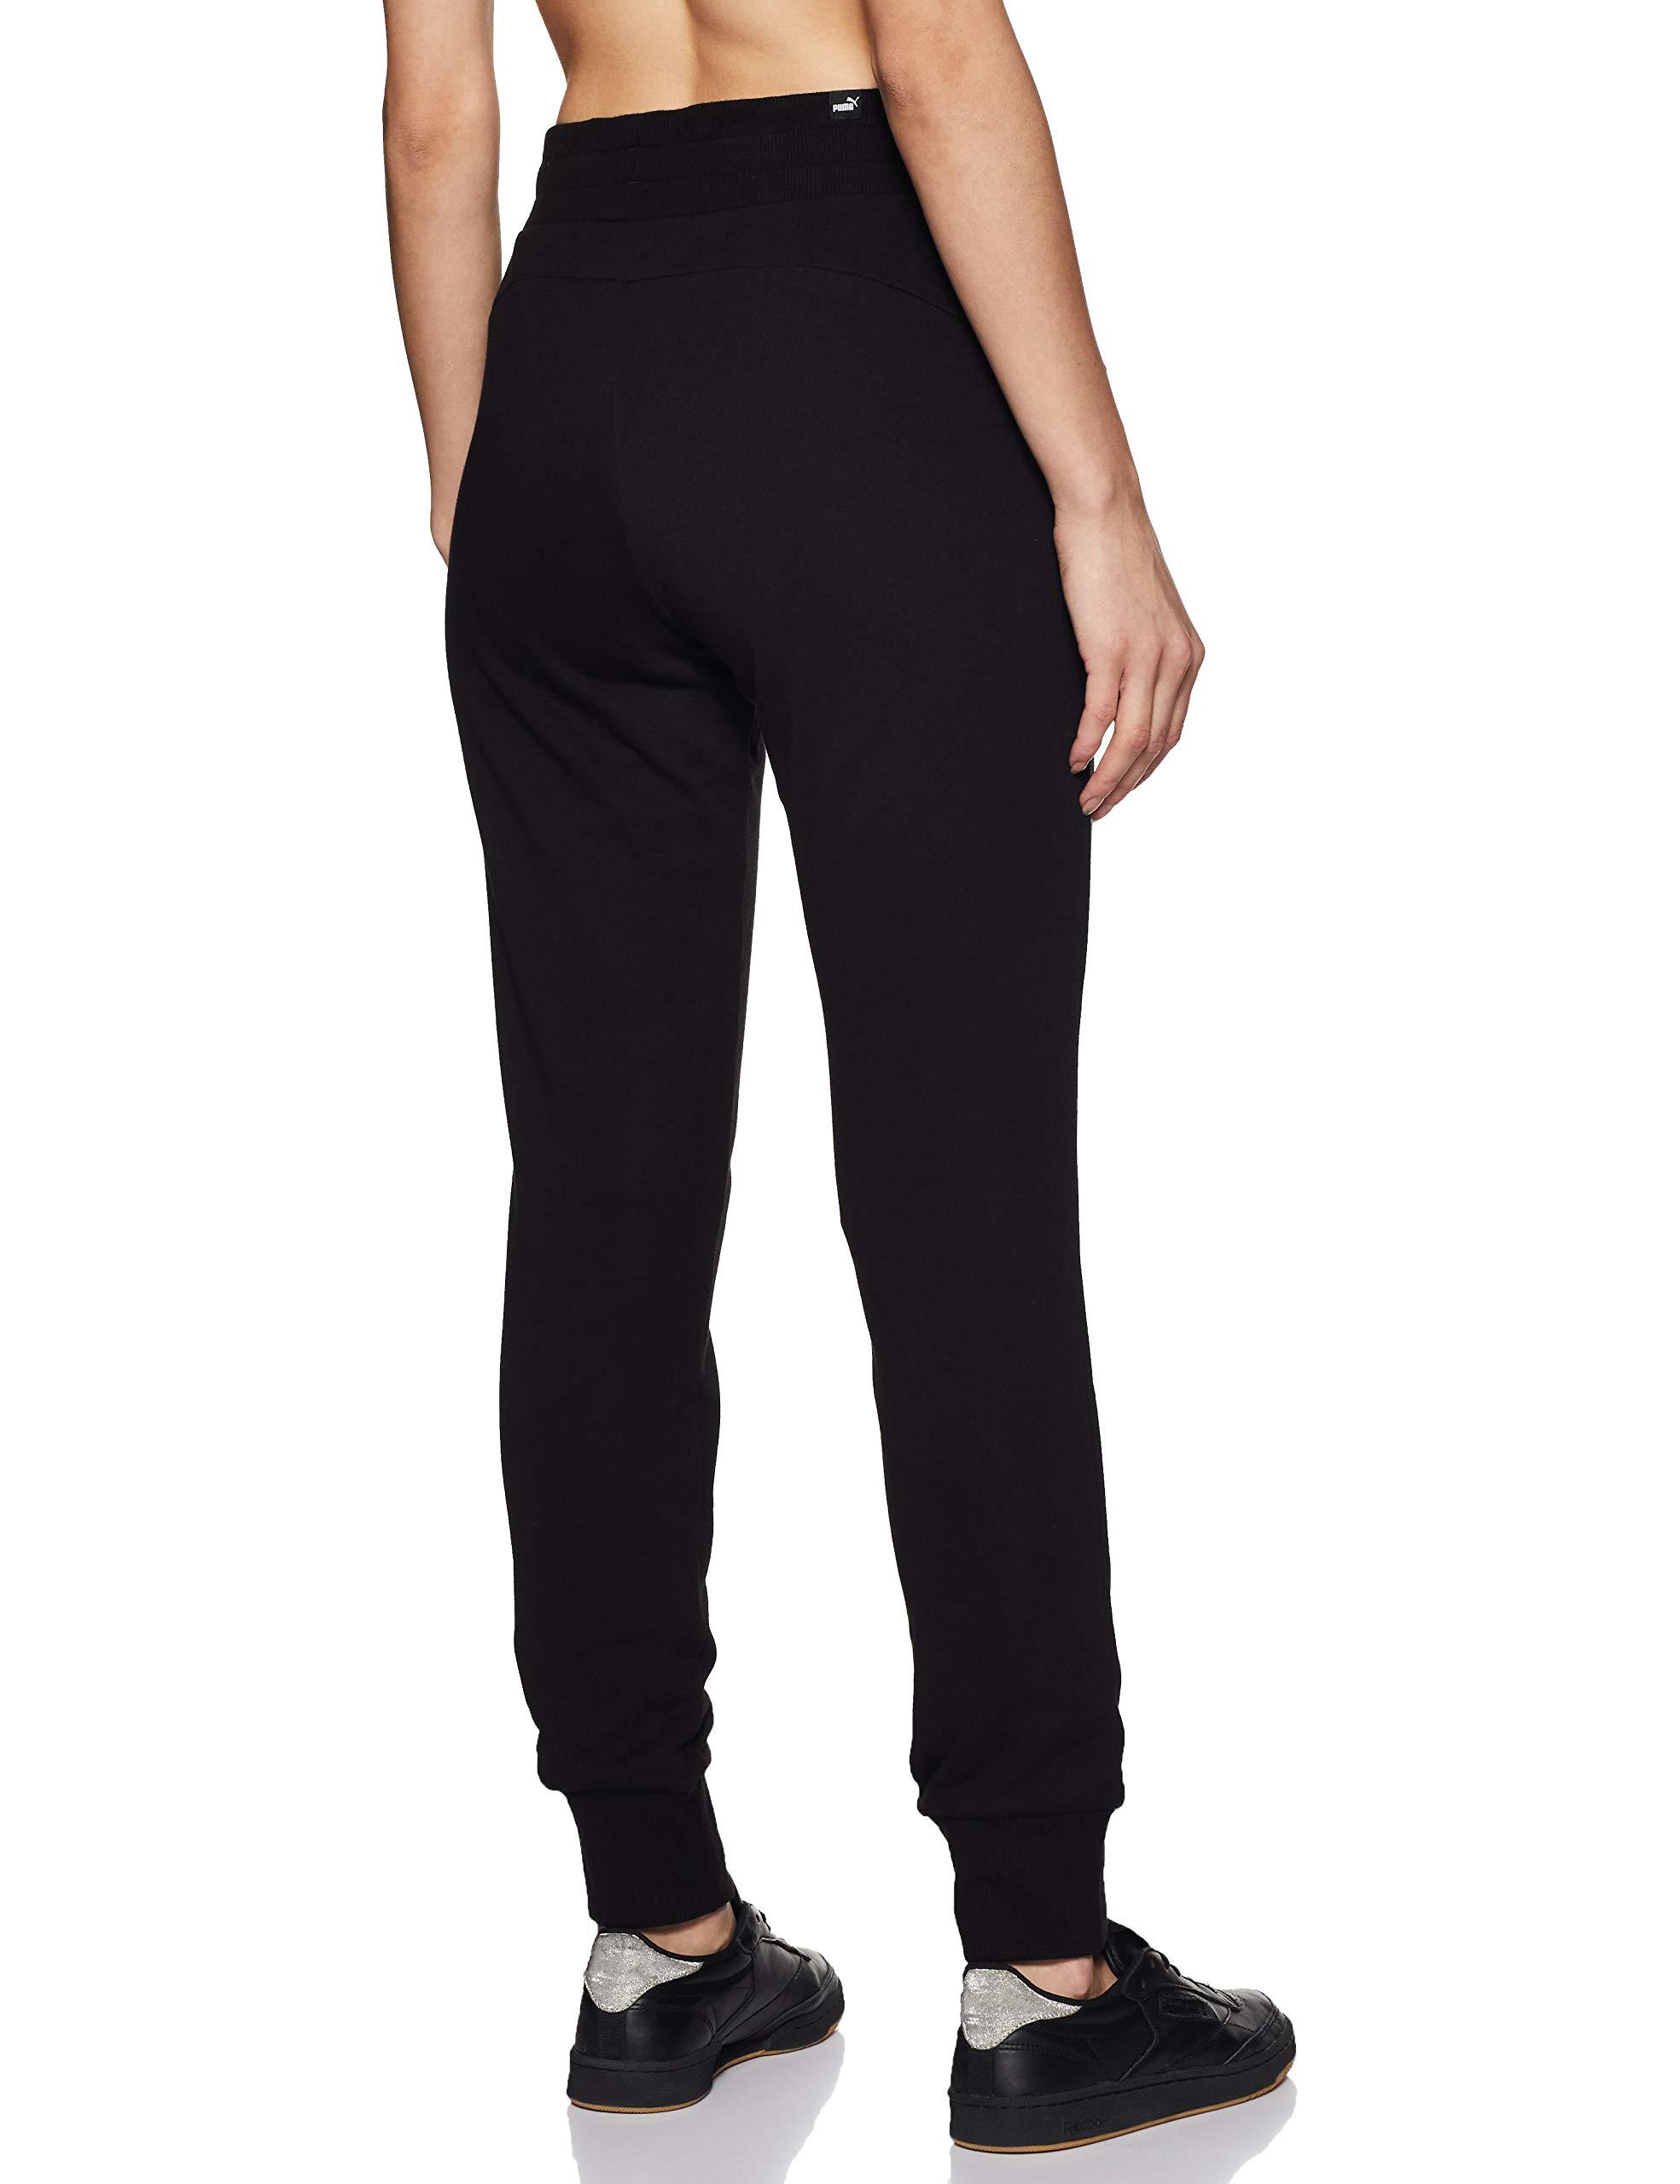 PUMA - Essentials W Swt, Pantaloni Donna 2 spesavip